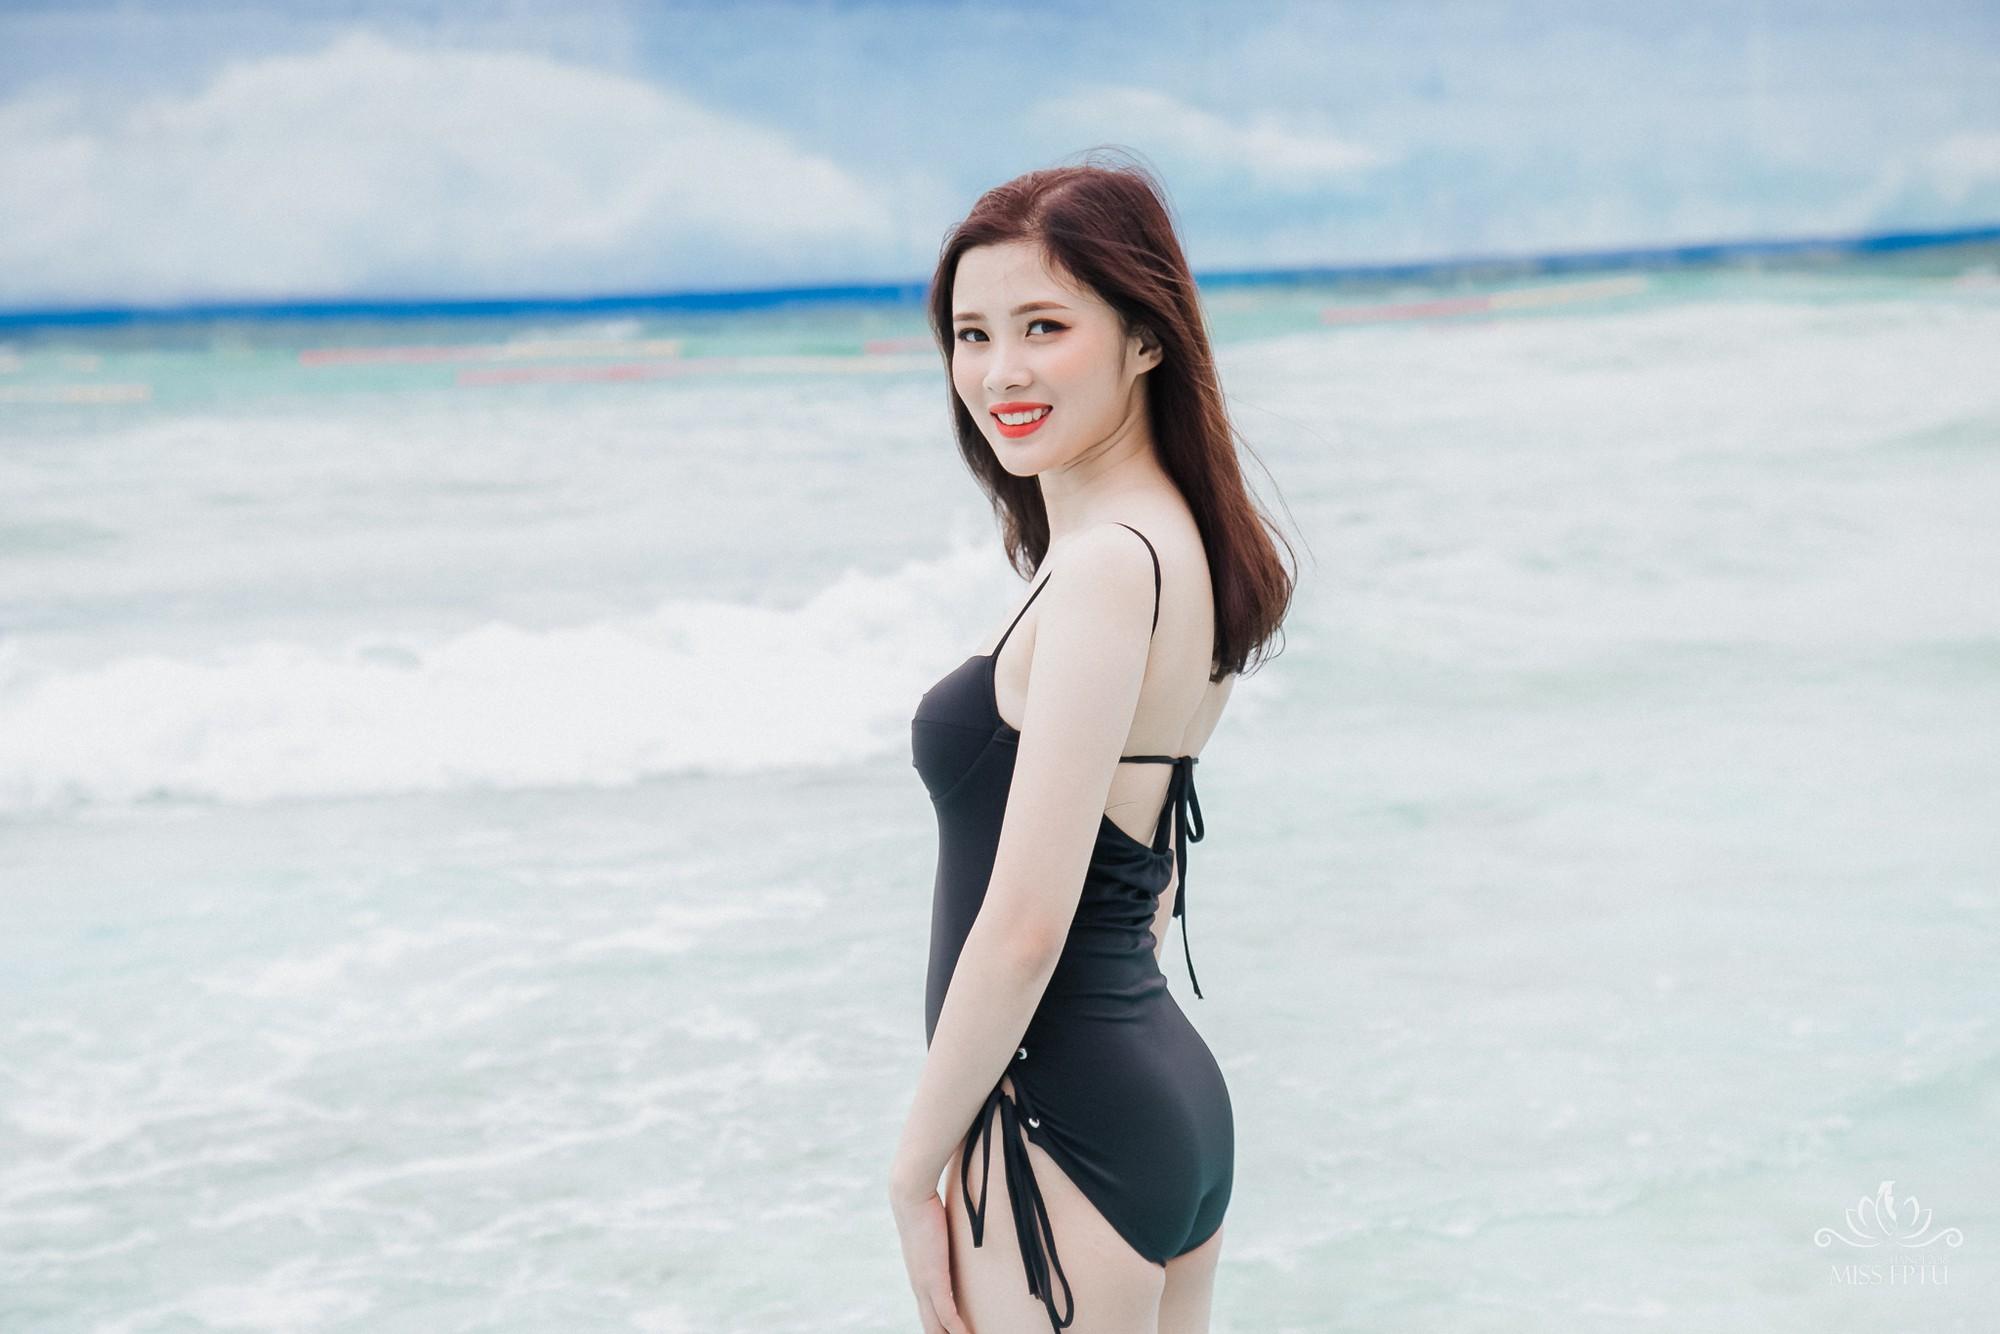 Dàn gái xinh ĐH FPT Hà Nội khoe dáng với bikini đen, không dễ để tìm ra người sexy nhất - Ảnh 3.